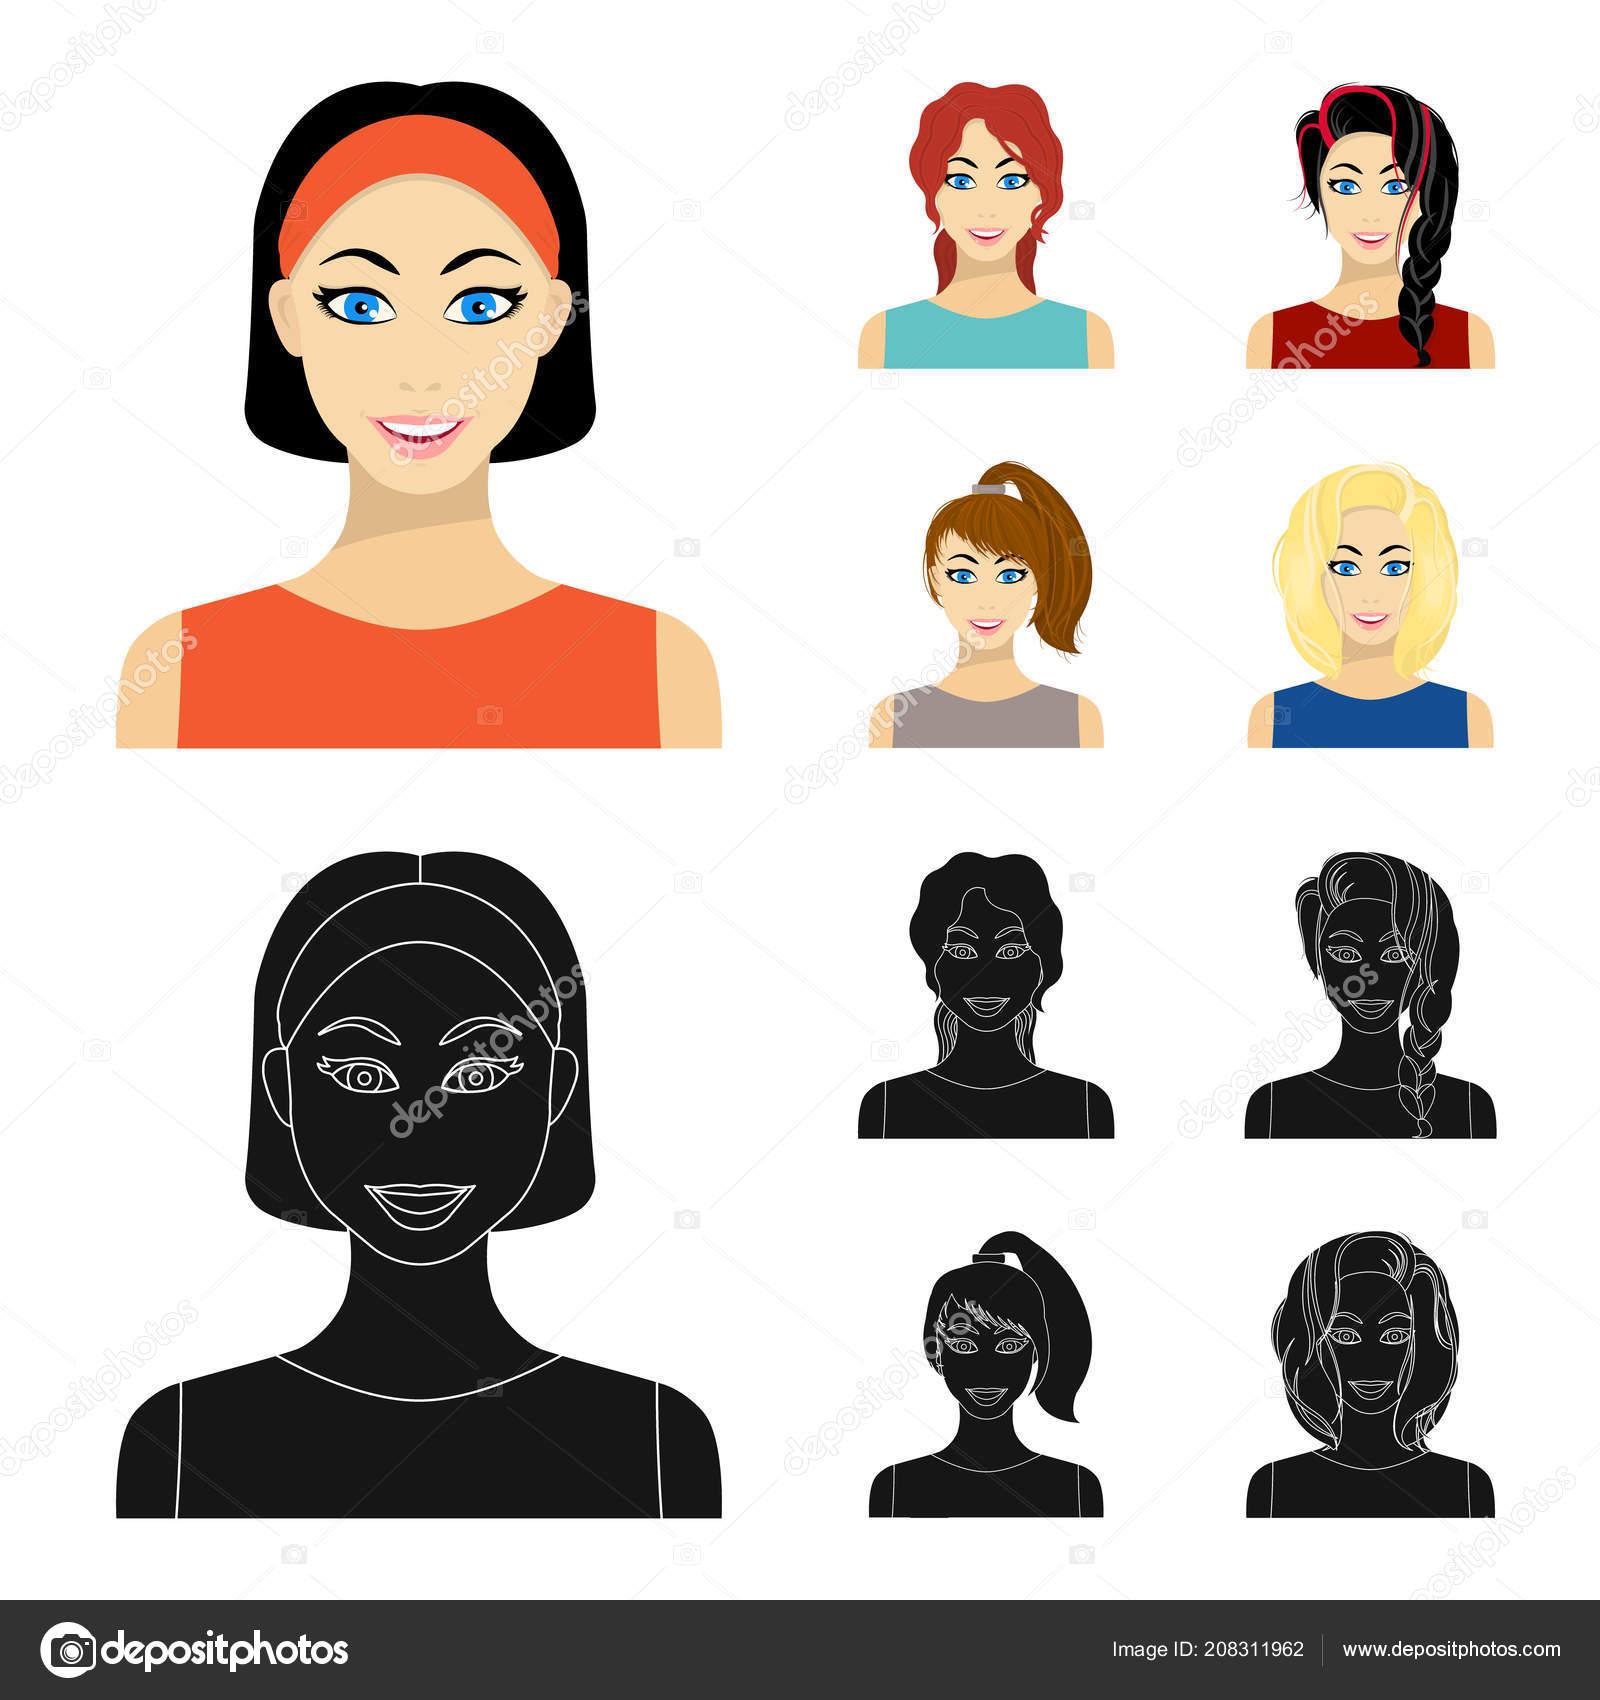 Rodzaje Fryzury Kobiece Kreskówka Czarny Ikony W Kolekcja